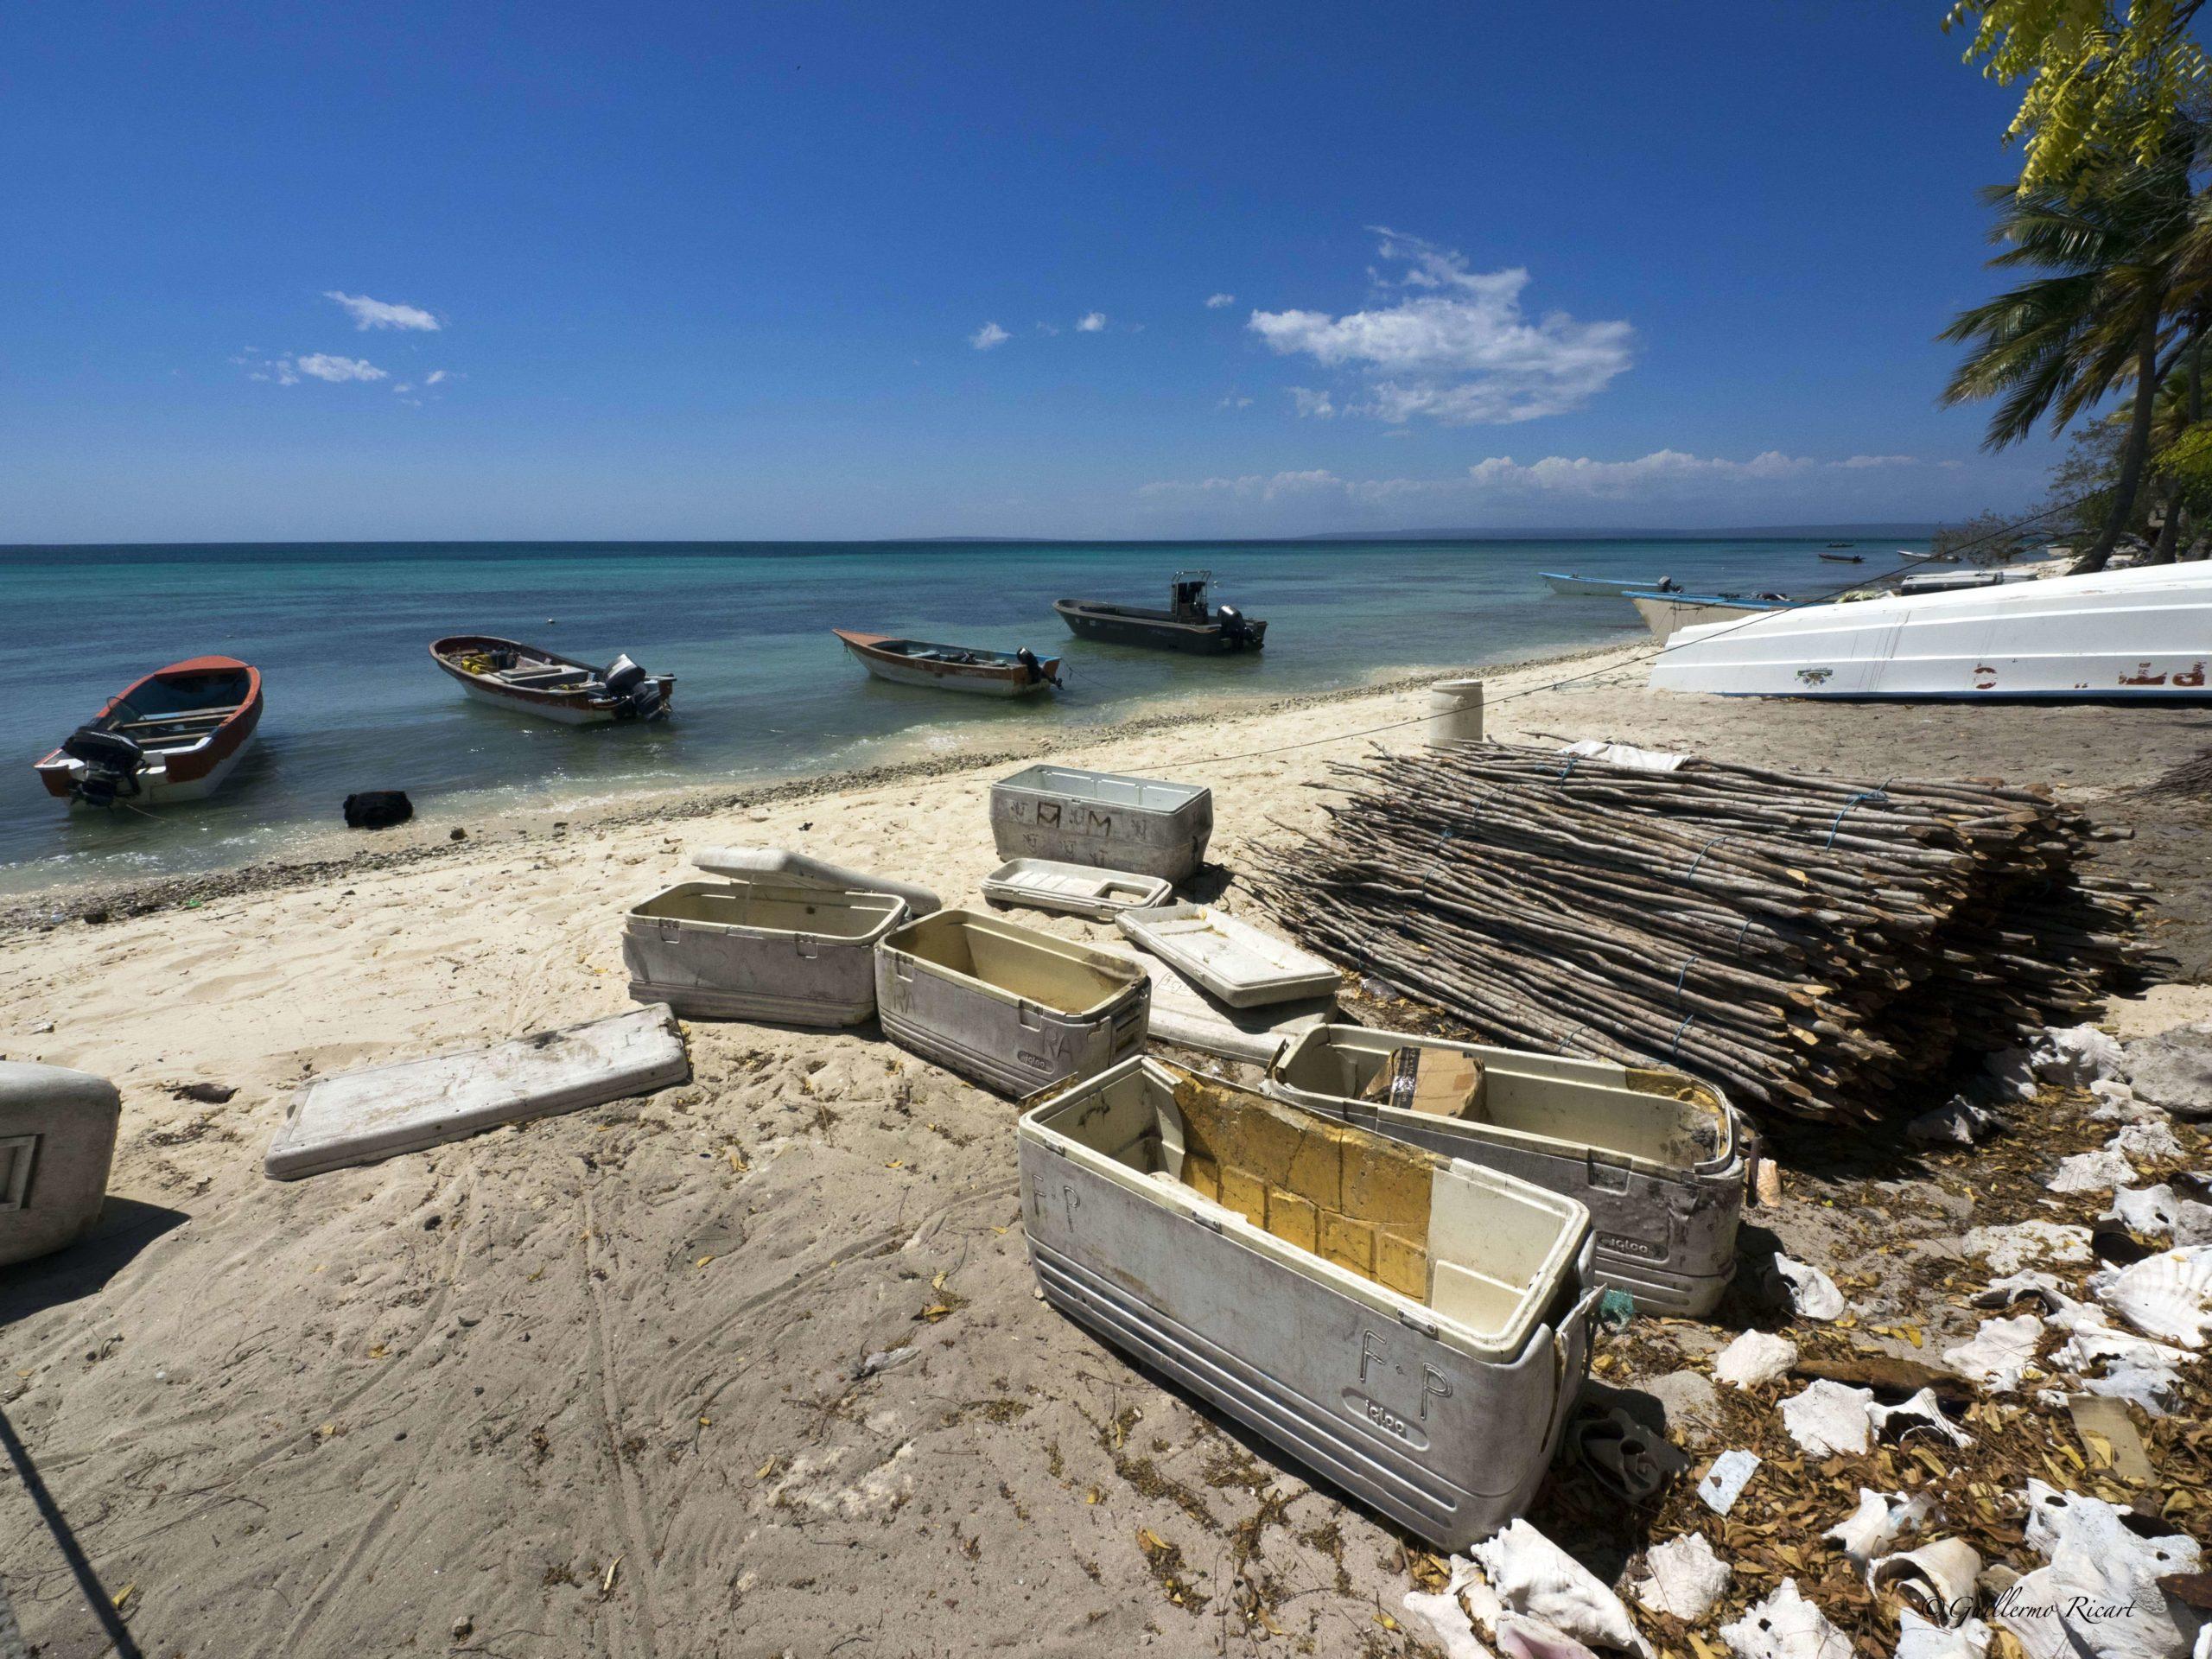 Conjunto de lanchas pesqueras, neveras y palos para la confección de nasas. Hábitat teóricamente protegido. Isla Beata, Parque Nacional Jaragua